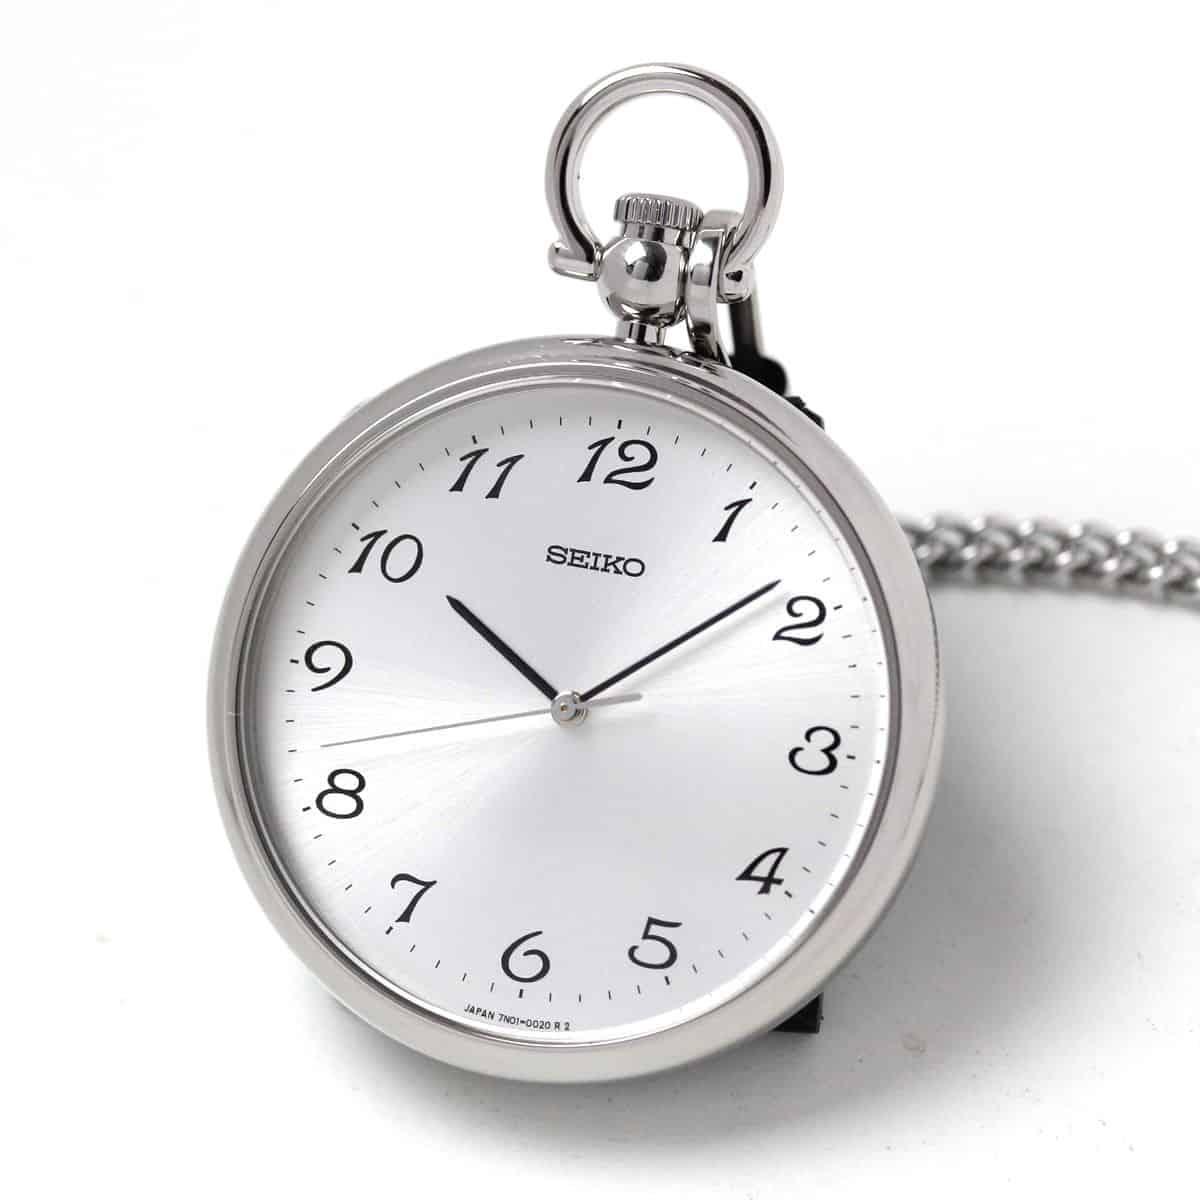 セイコー懐中時計 SAPB003